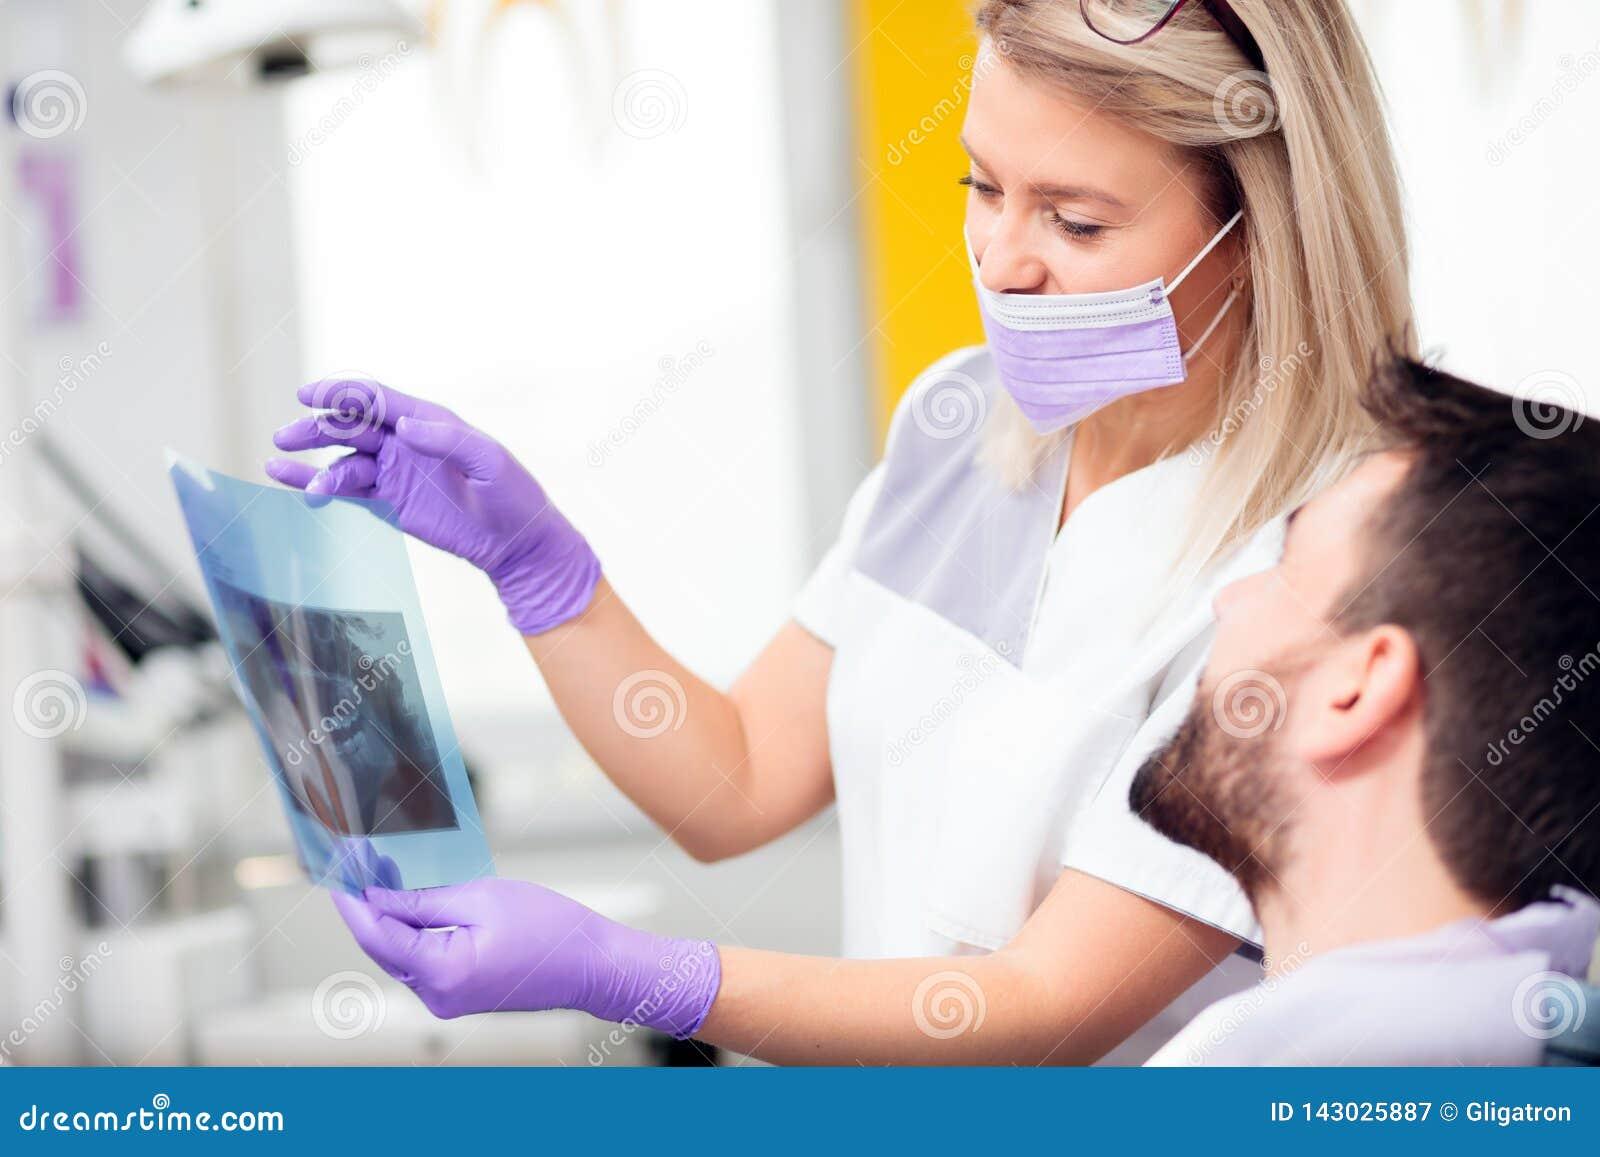 Молодой женский дантист показывая изображение рентгеновского снимка к мужскому пациенту после успешной интервенции